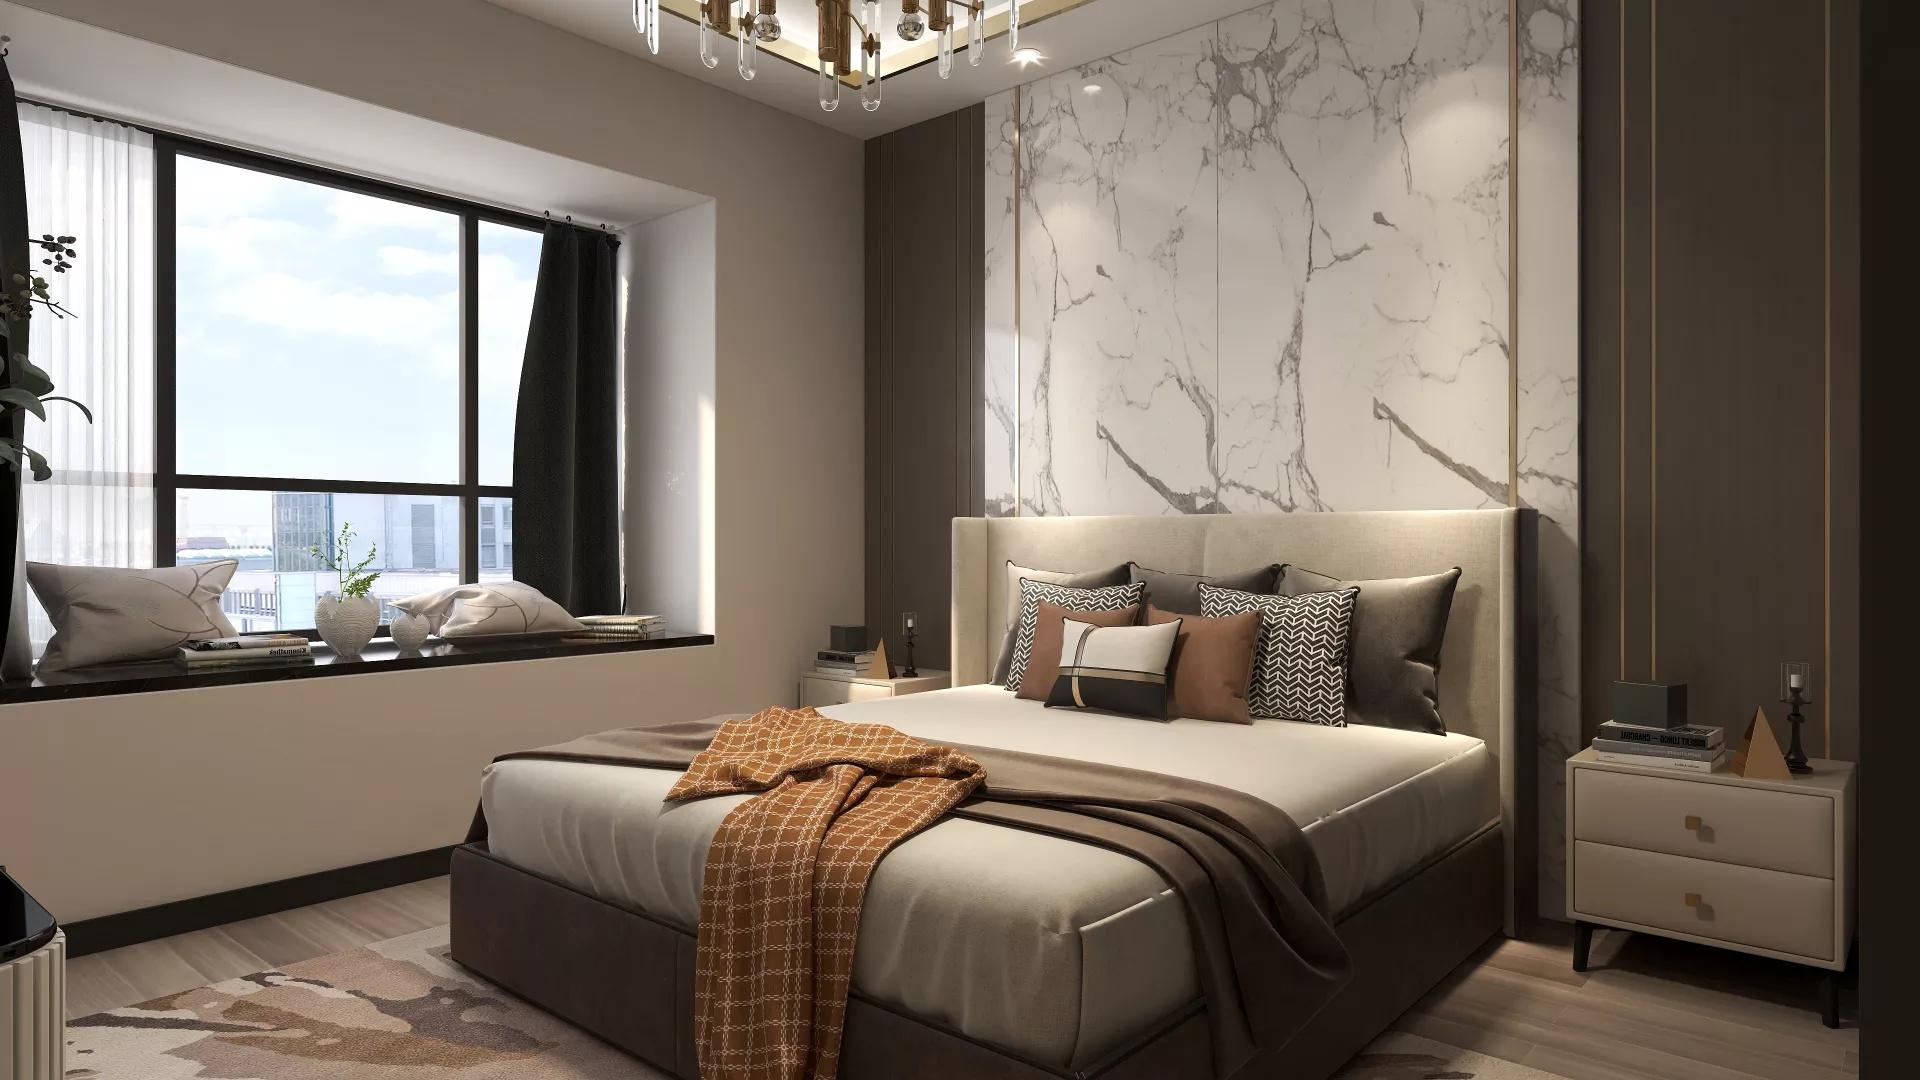 窗户与墙的缝隙用什么填堵 窗户填缝用什么好